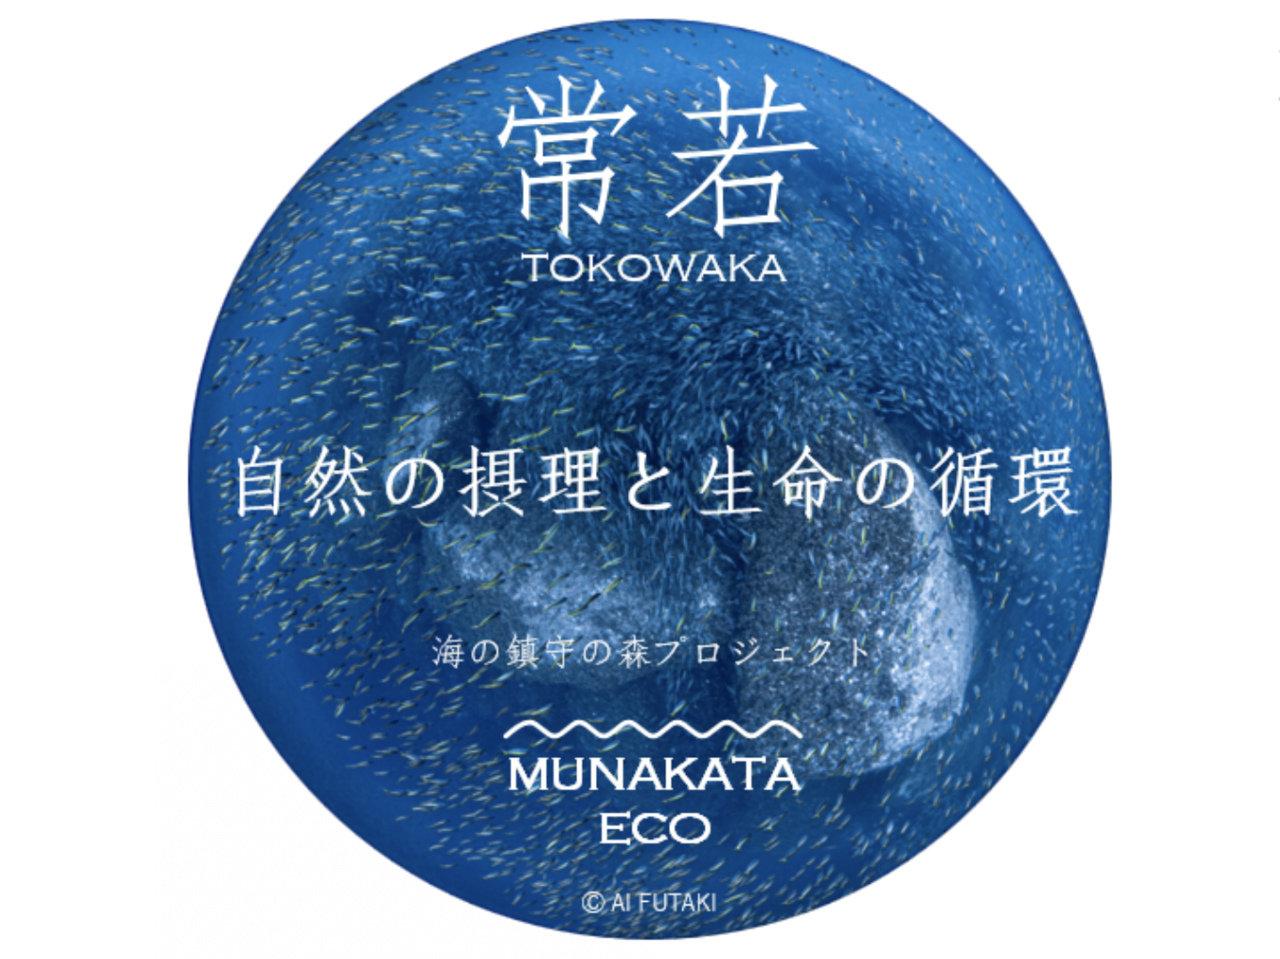 「神宿る島」沖ノ島で知られる福岡・宗像で、今年も宗像国際環境会議が開催されます。